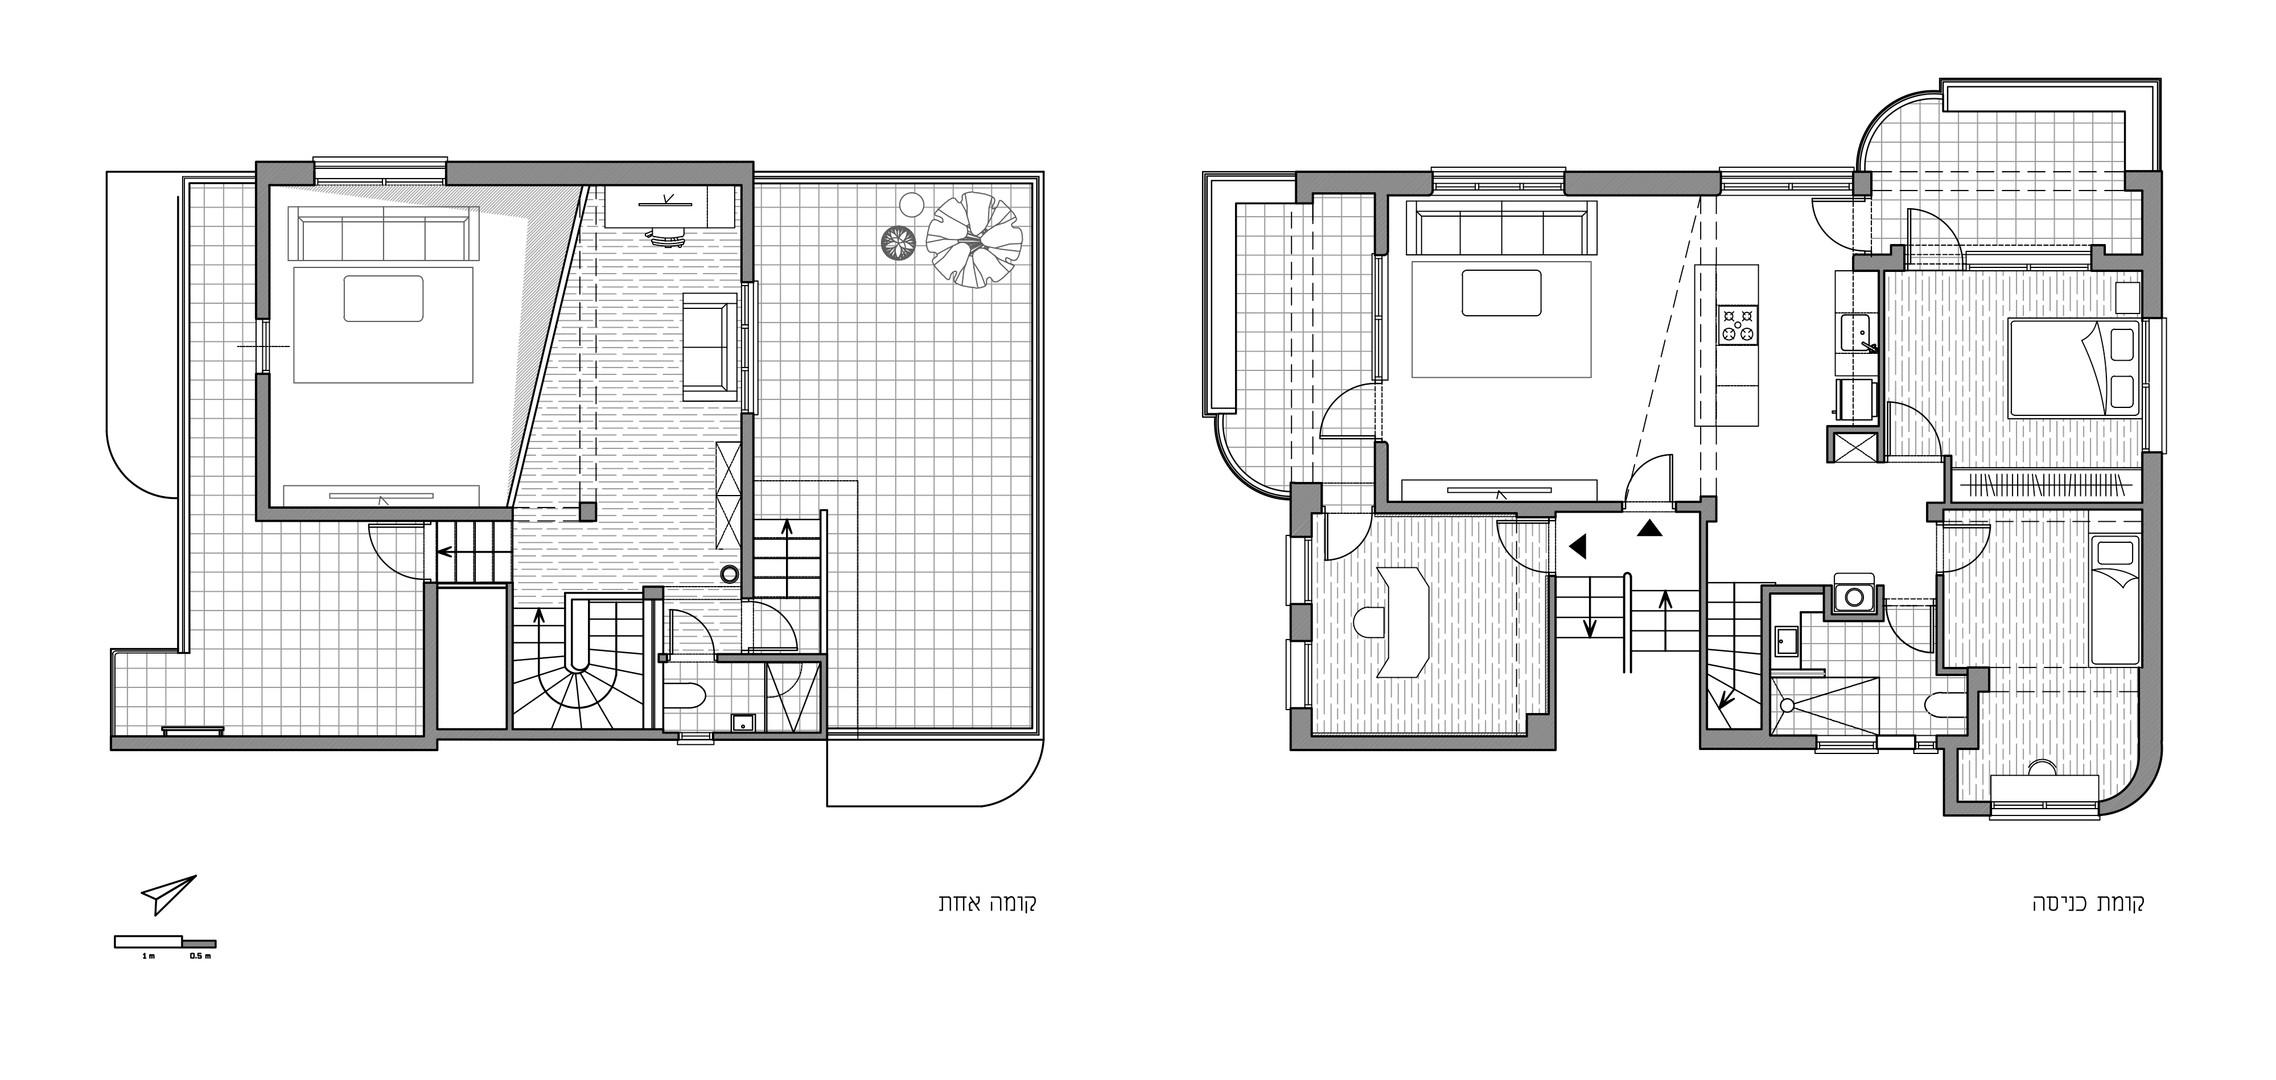 תכניות הדירה